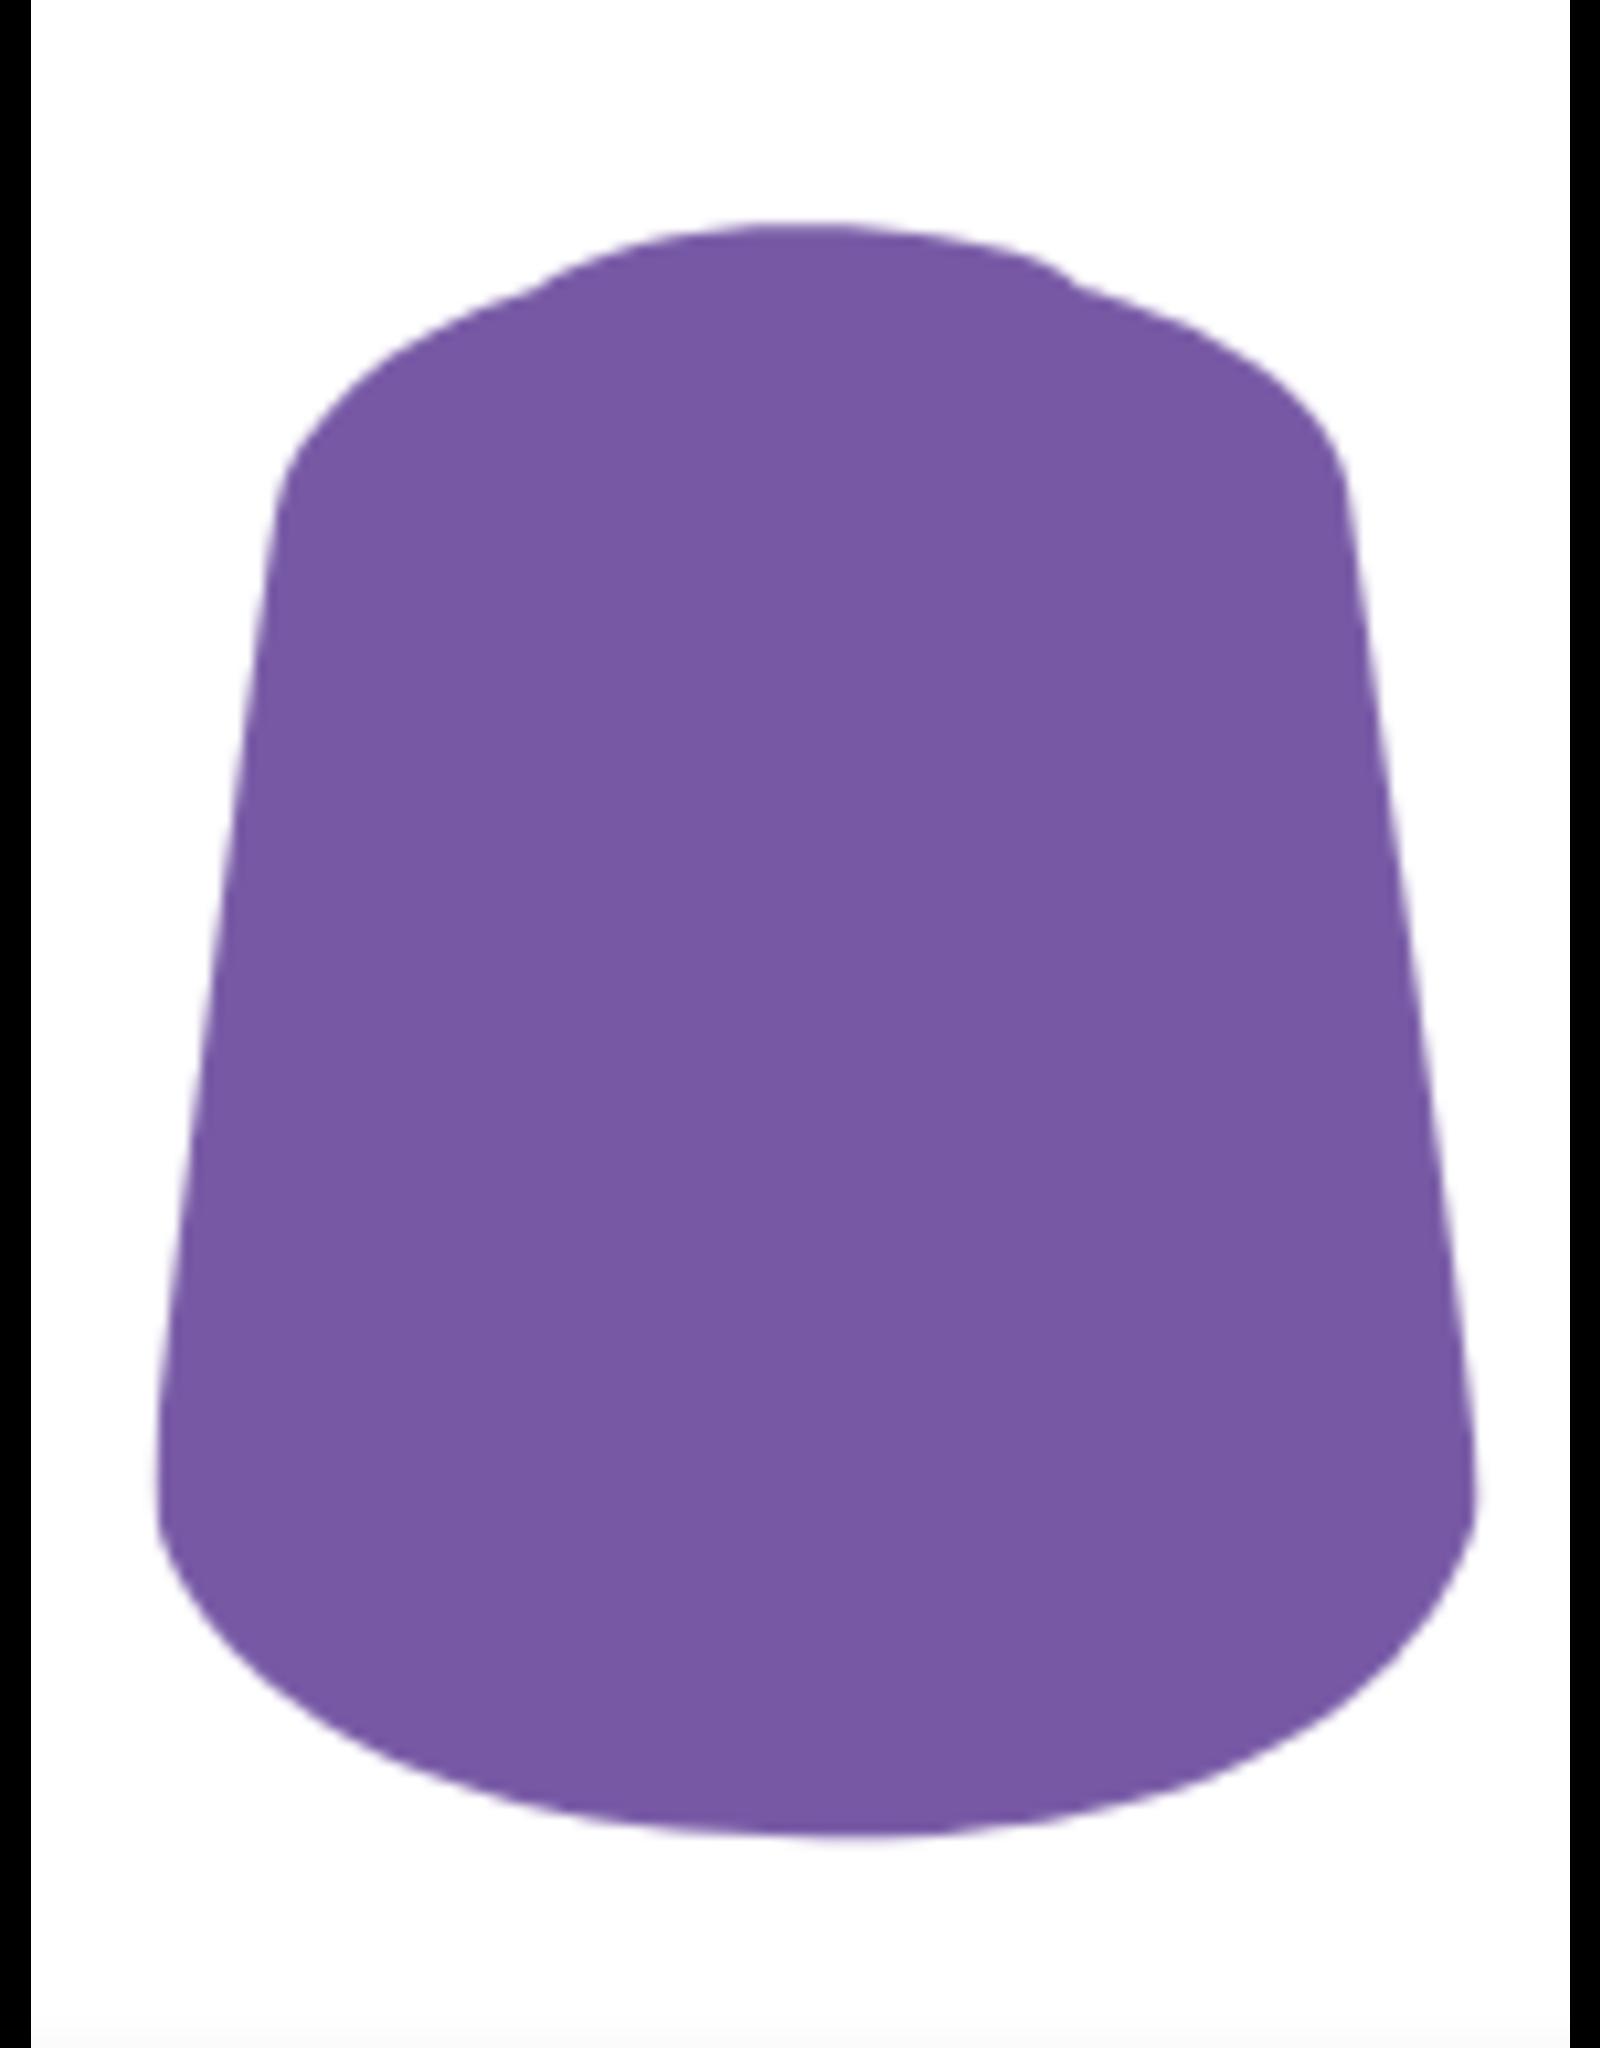 Games Workshop Citadel Layer Genestealer Purple